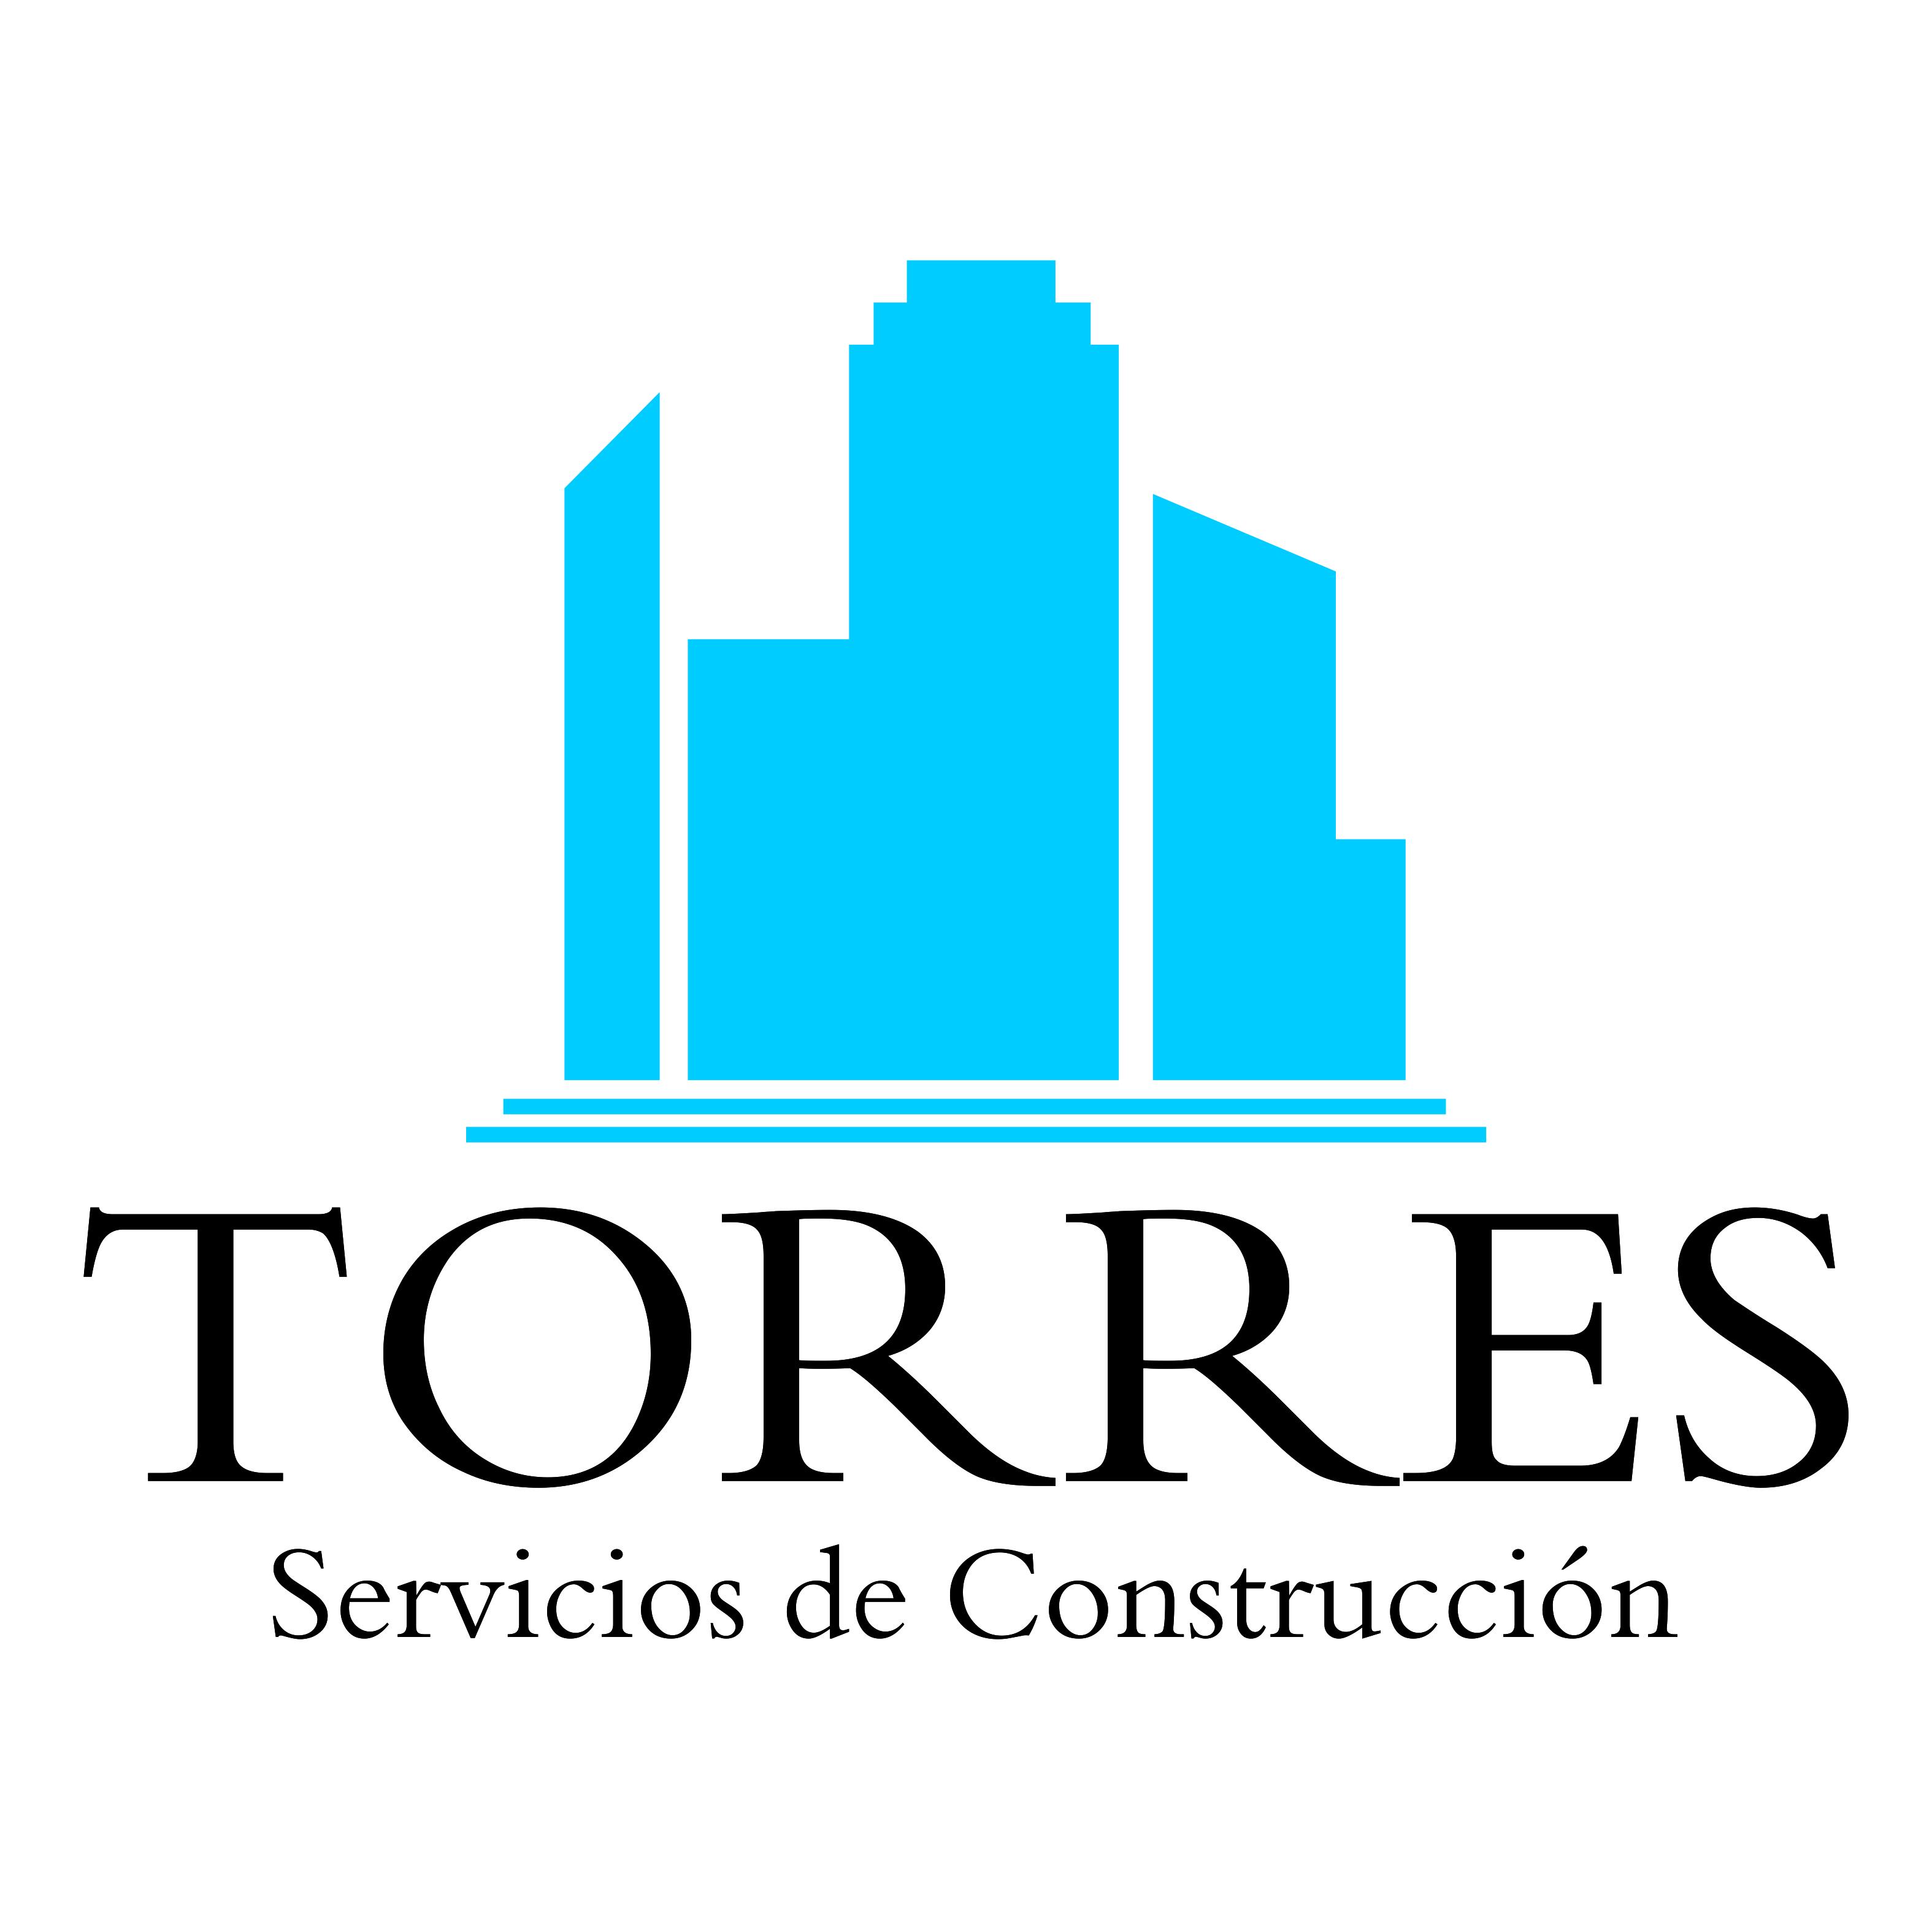 Torres Servicios De Construccion